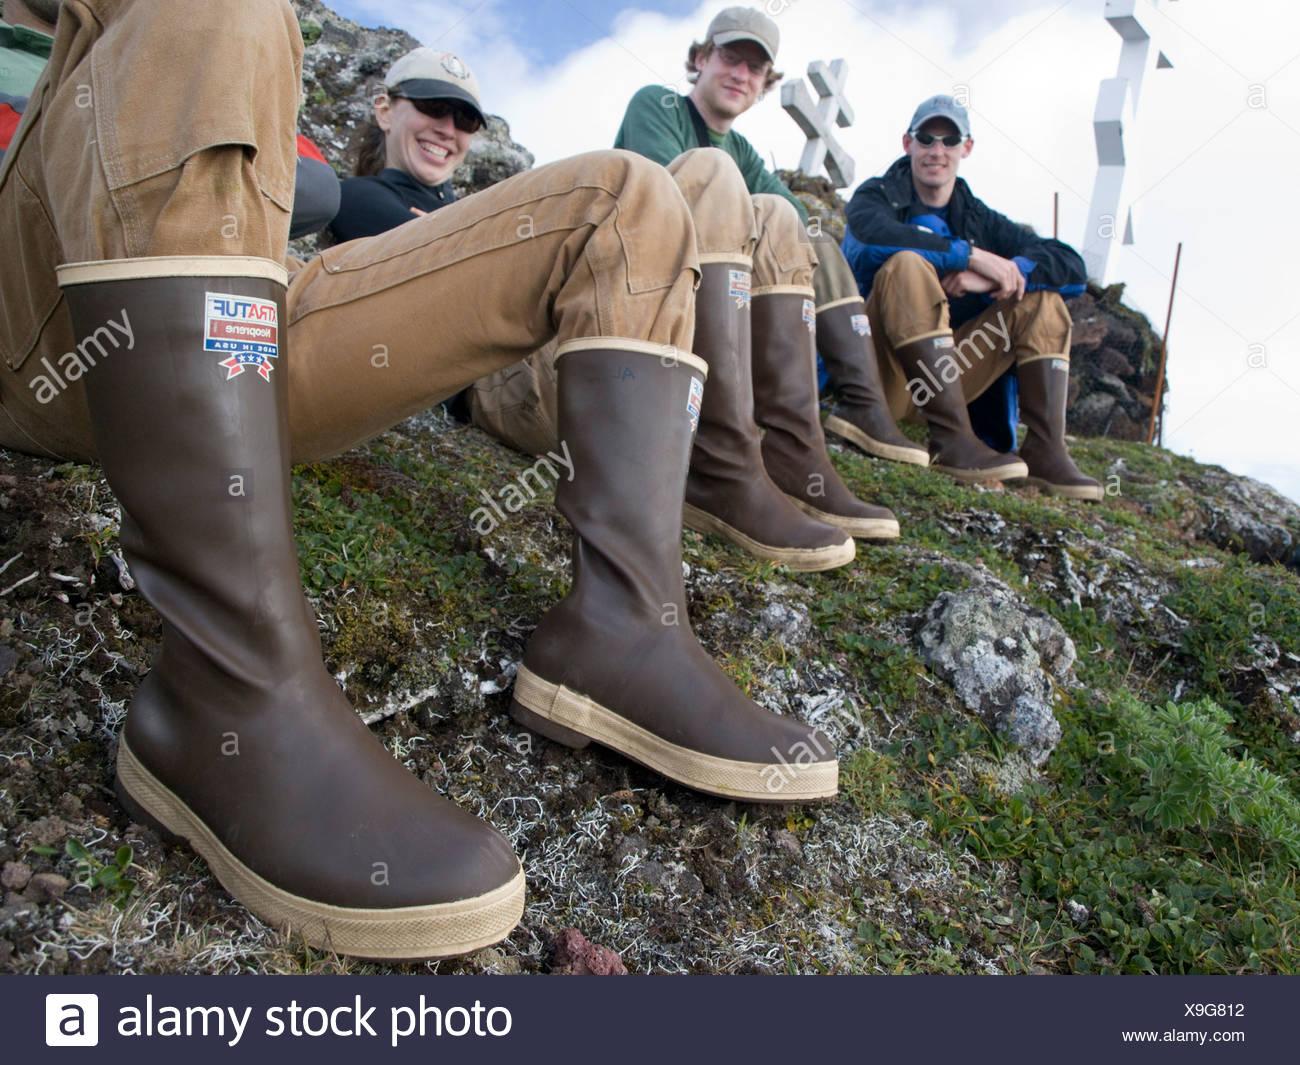 f98a1d51b7a Close up di escursionisti di indossare stivali di gomma, Isola di San  Paolo, Alaska